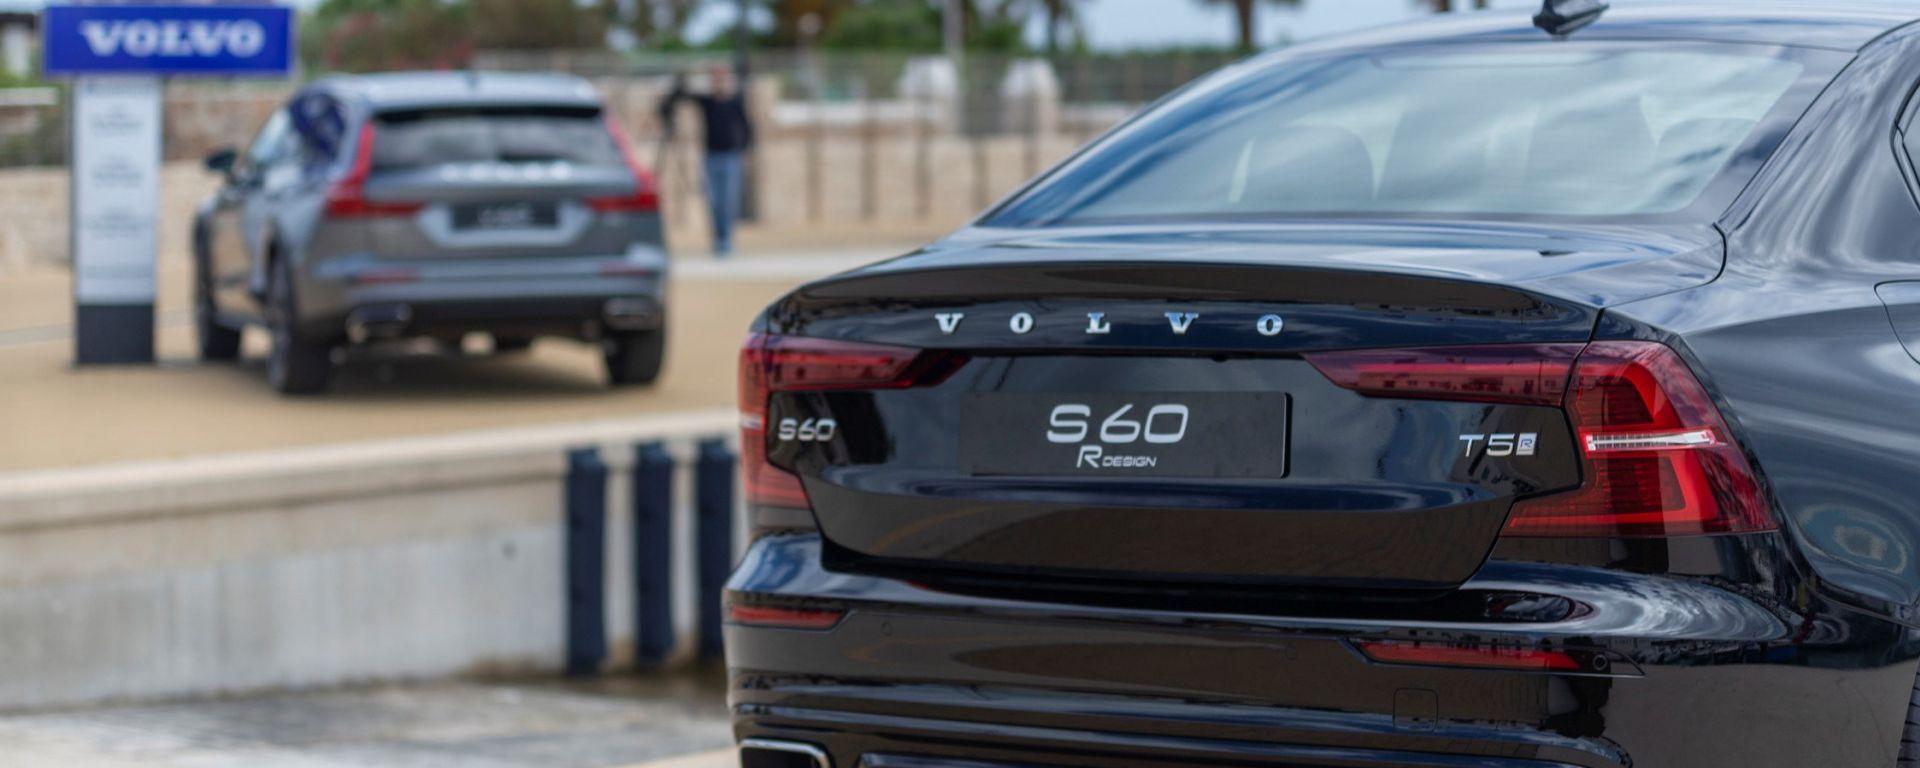 Volvo e l'ambiente, non solo auto elettrica. Il progetto Plasticless